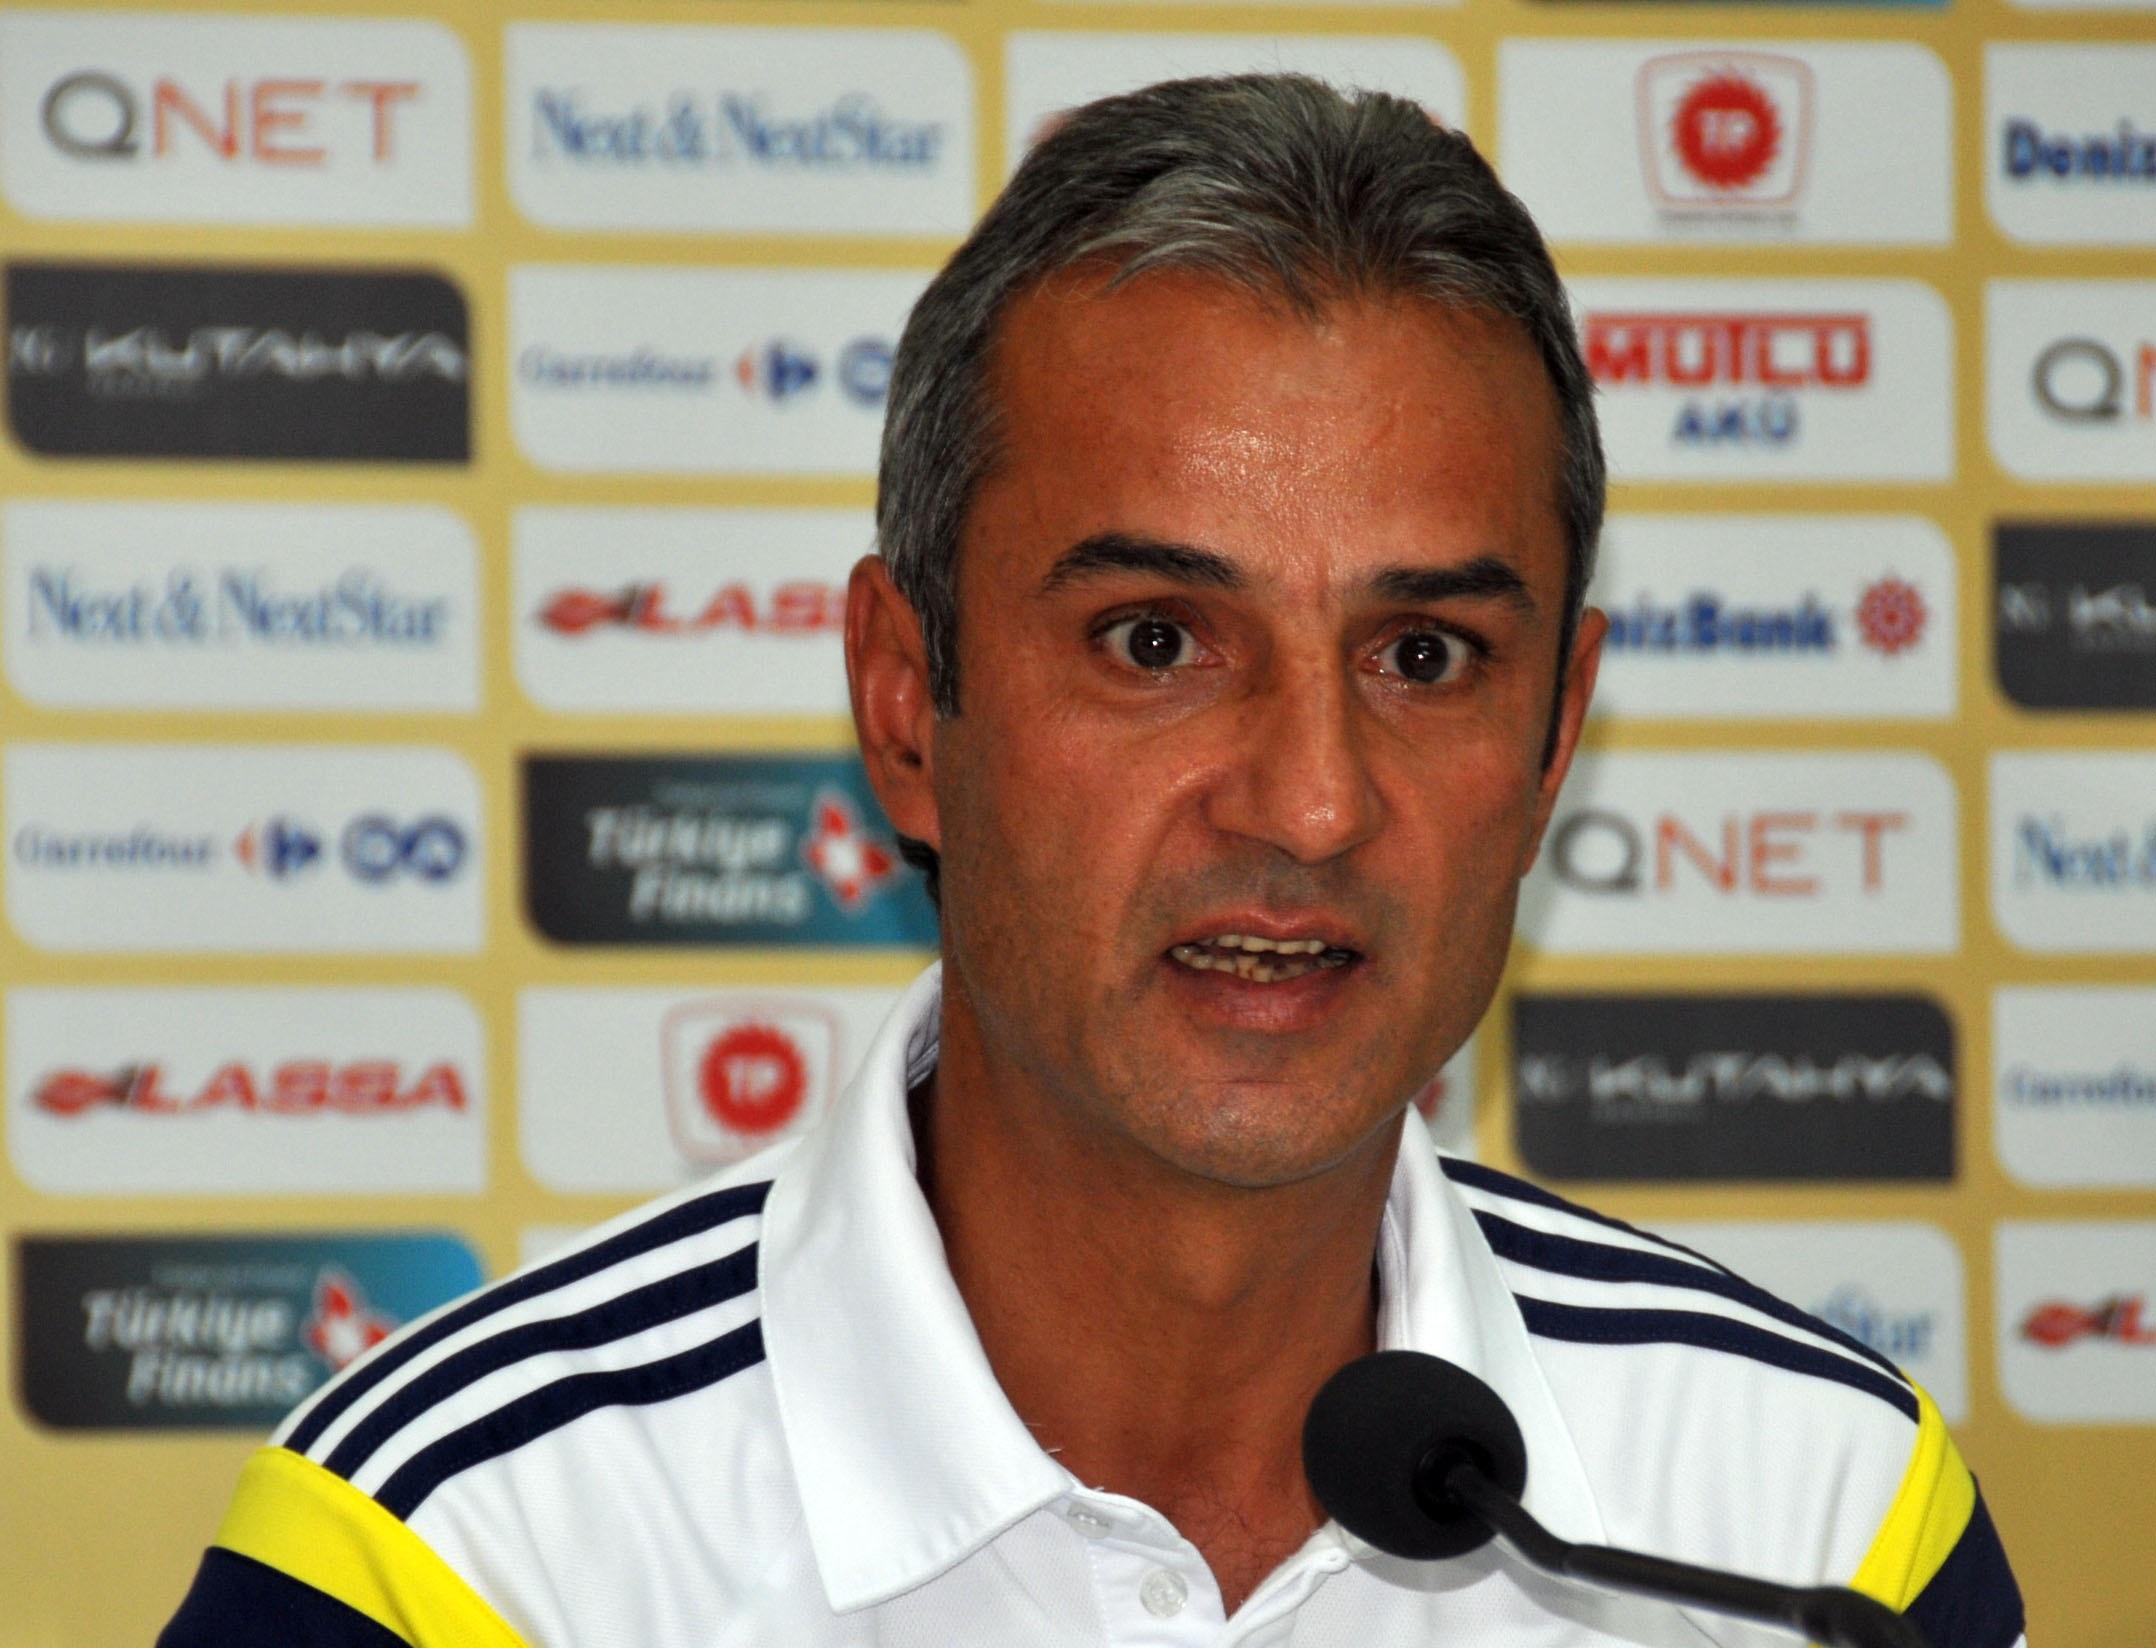 Ziraat Türkiye Kupası'nda Kayserispor'a 2-1 yenilen Fenerbahçe'nin Teknik Direktörü İsmail Kartal, mağlubiyetin ardından açıklamalarda bulundu. Kartal, genç oyunculara oynama fırsatı vermeyi uygun gördüklerini söyledi.